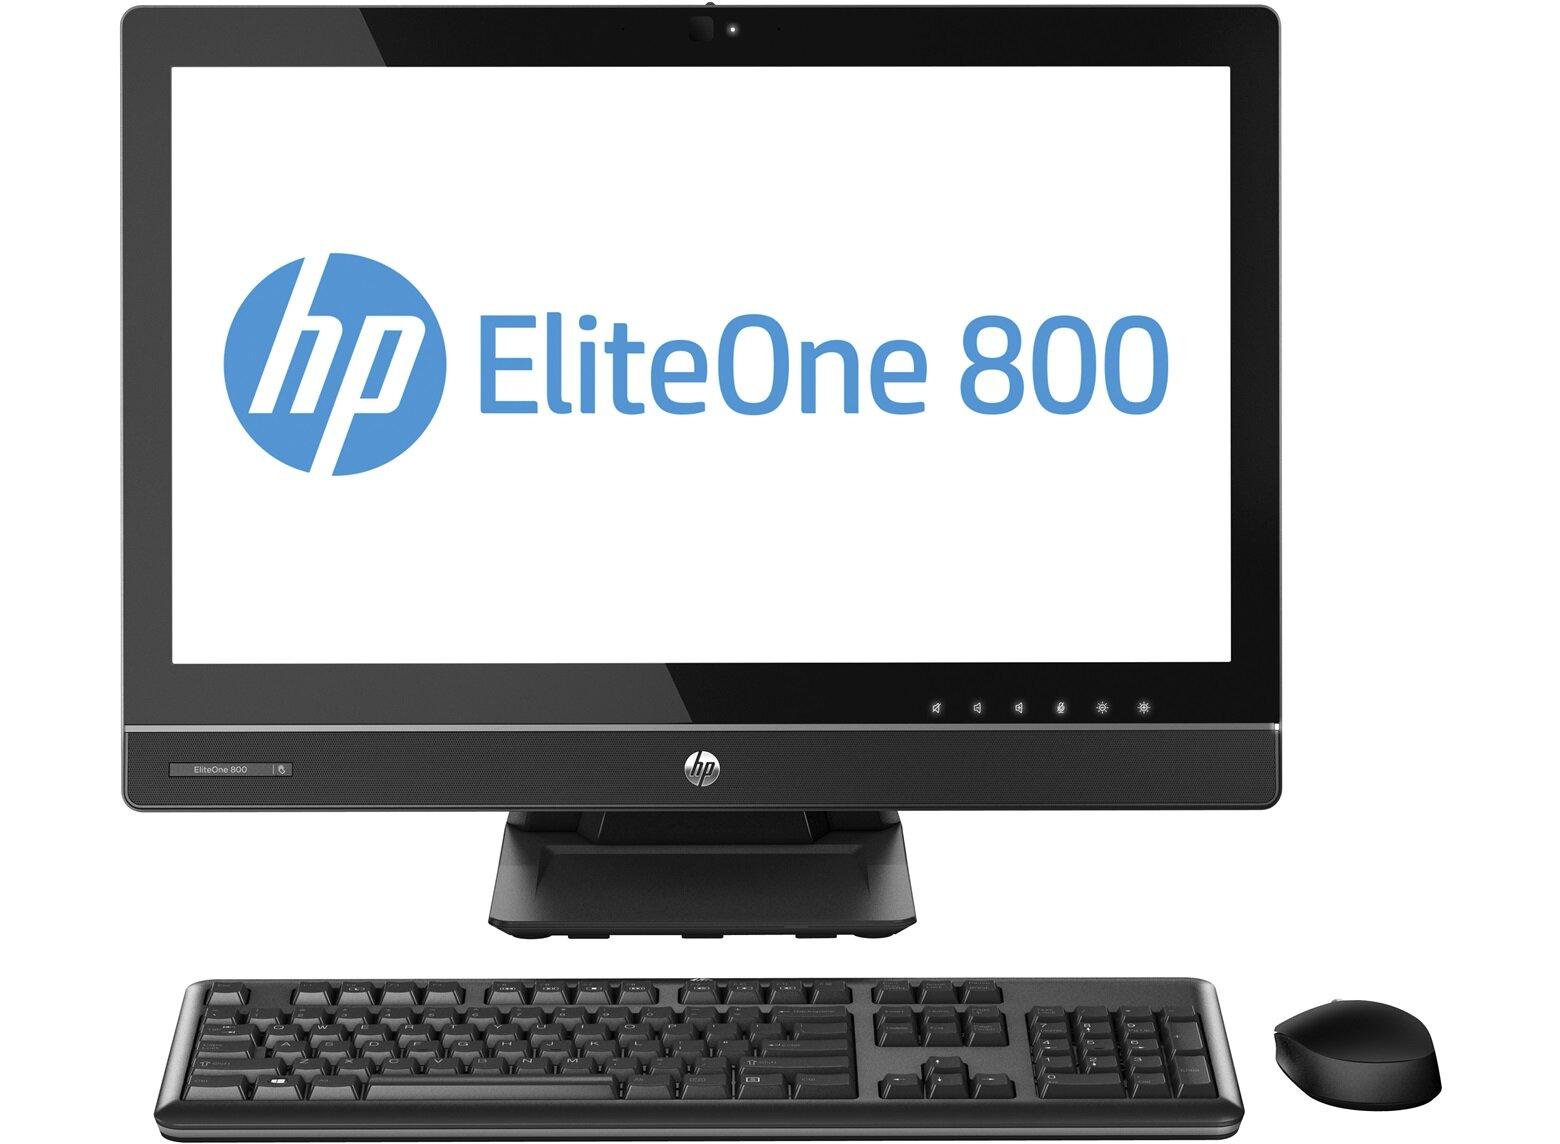 Máy tính để bàn All in one HP Elite One 800G1 (F7B90PA) - Intel Core i5-4670, 8GB RAM, 1TB HDD, VGA AMD Radeon HD 7650A, 23 inch